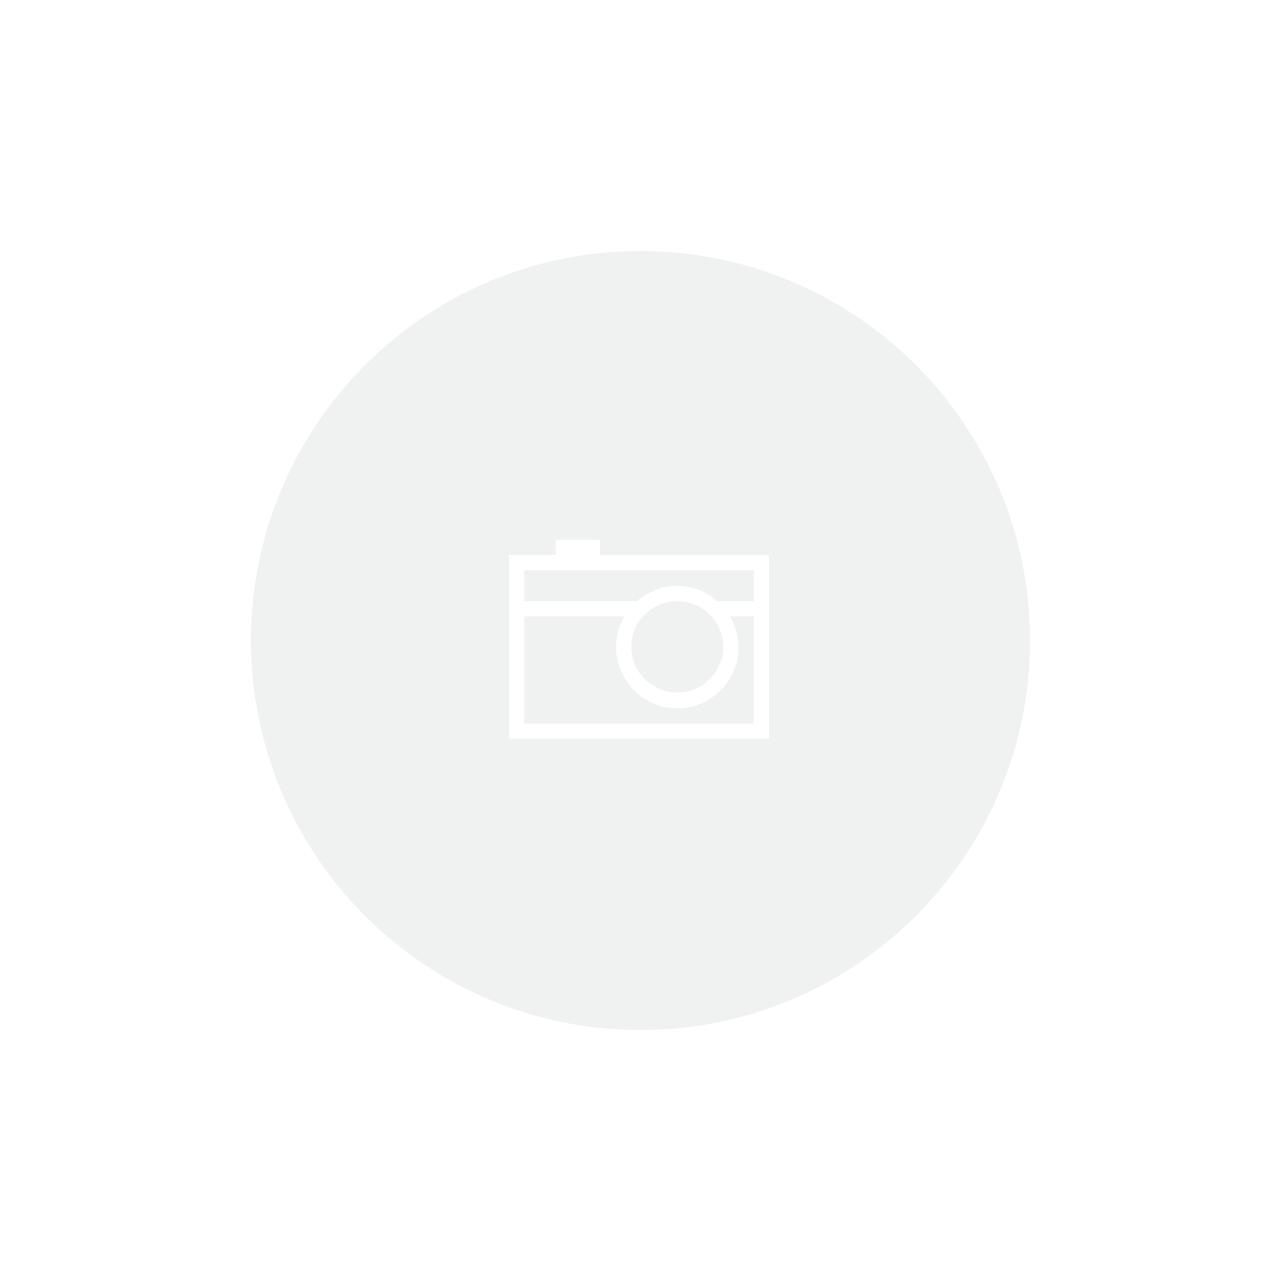 VISTA LIGHT GARRA TRASEIRO RECARREGÁVEL USB 300MAH KC142